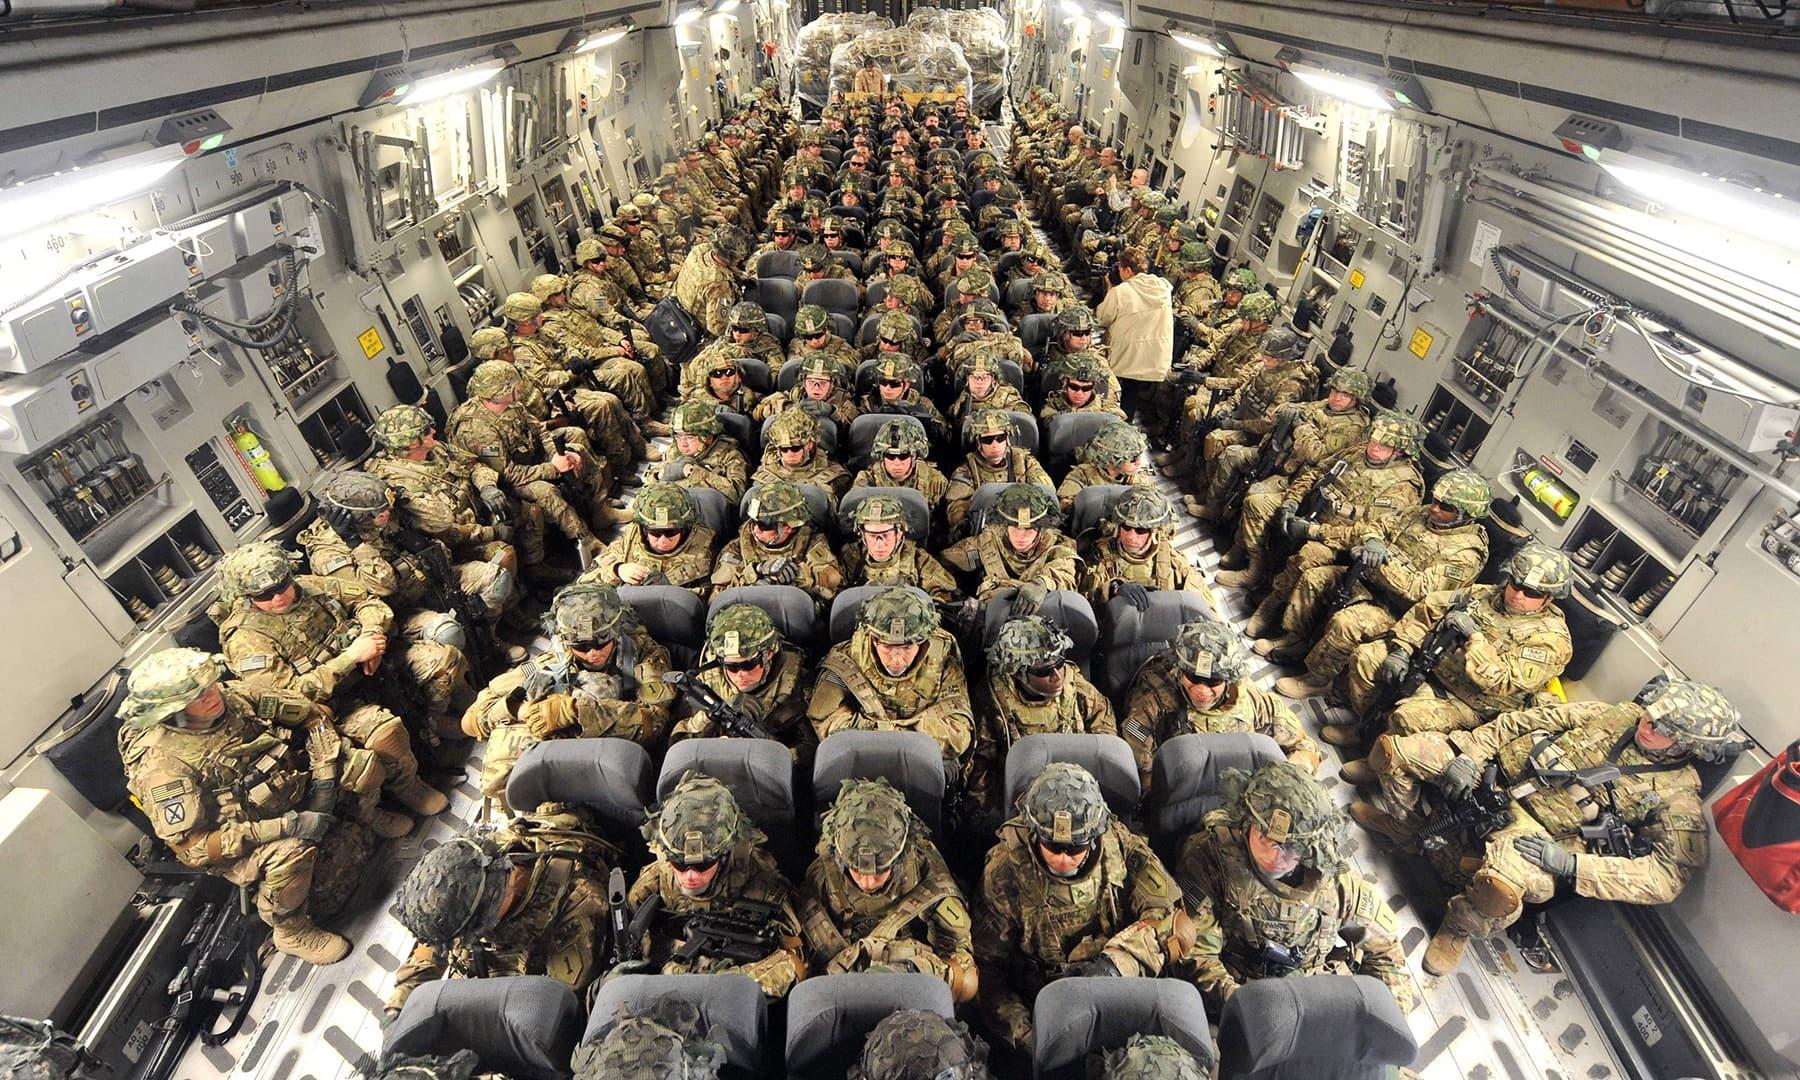 15 اپریل 2011 کو امریکی فوج کنساس سے افغانستان روانہ ہوئے—فائل/فوٹو: اے ایف پی